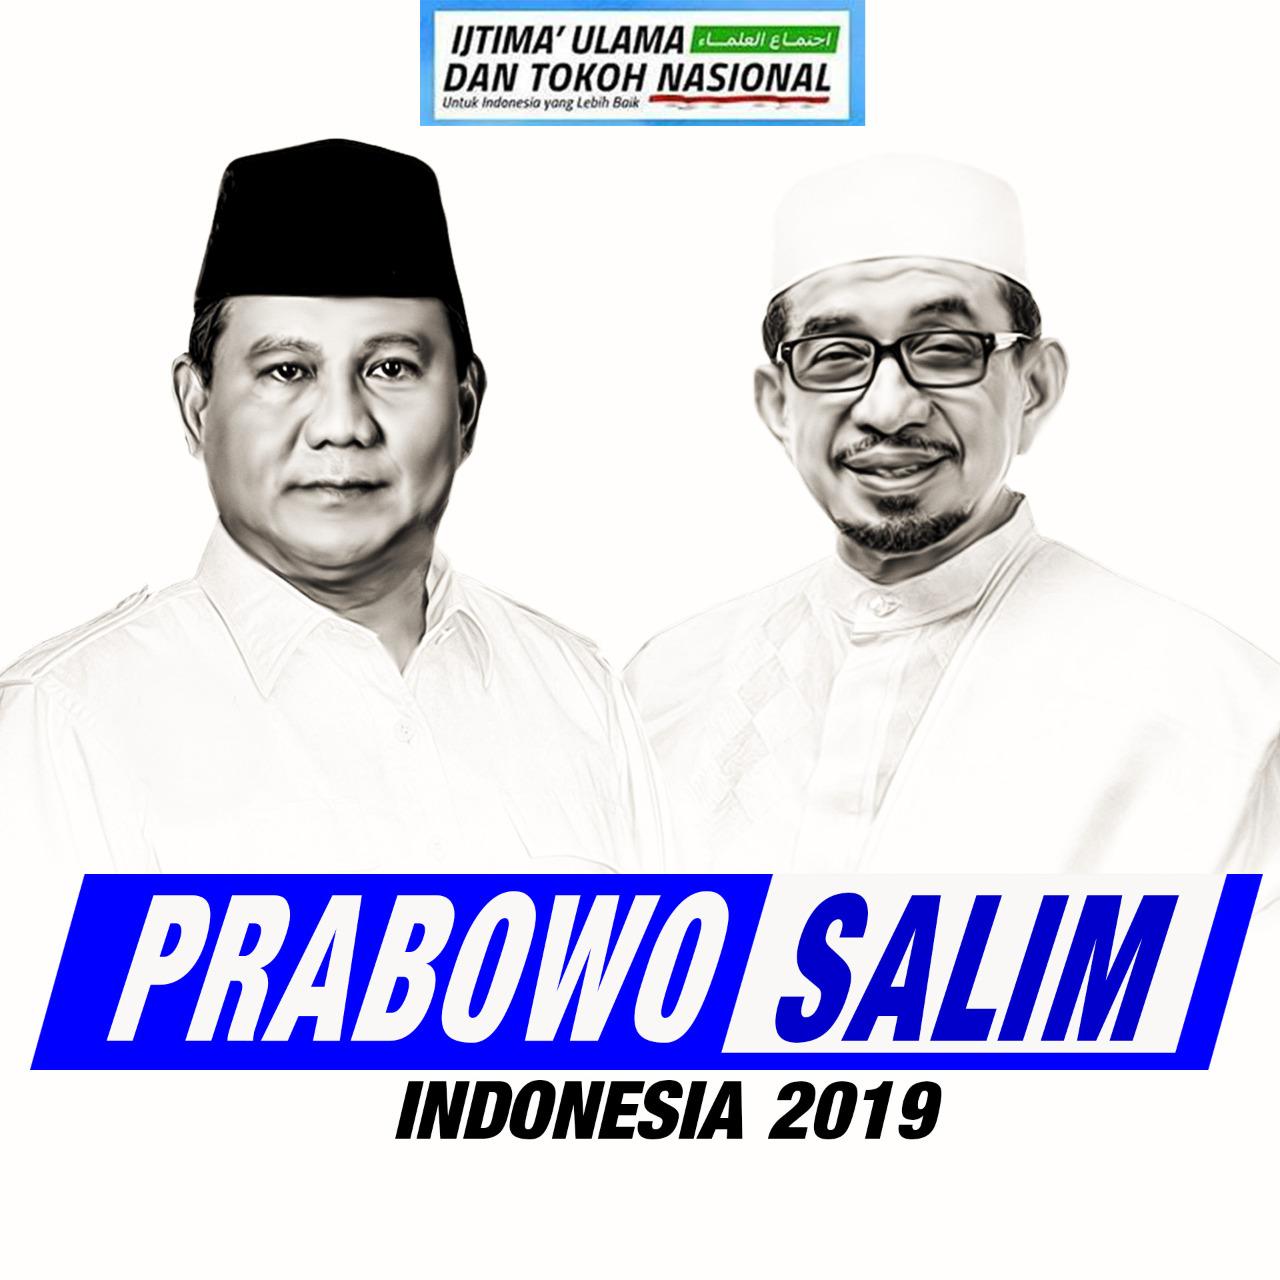 UAS Mundur Dan Nyatakan Dukung Duet Prabowo Habib Salim Segaf